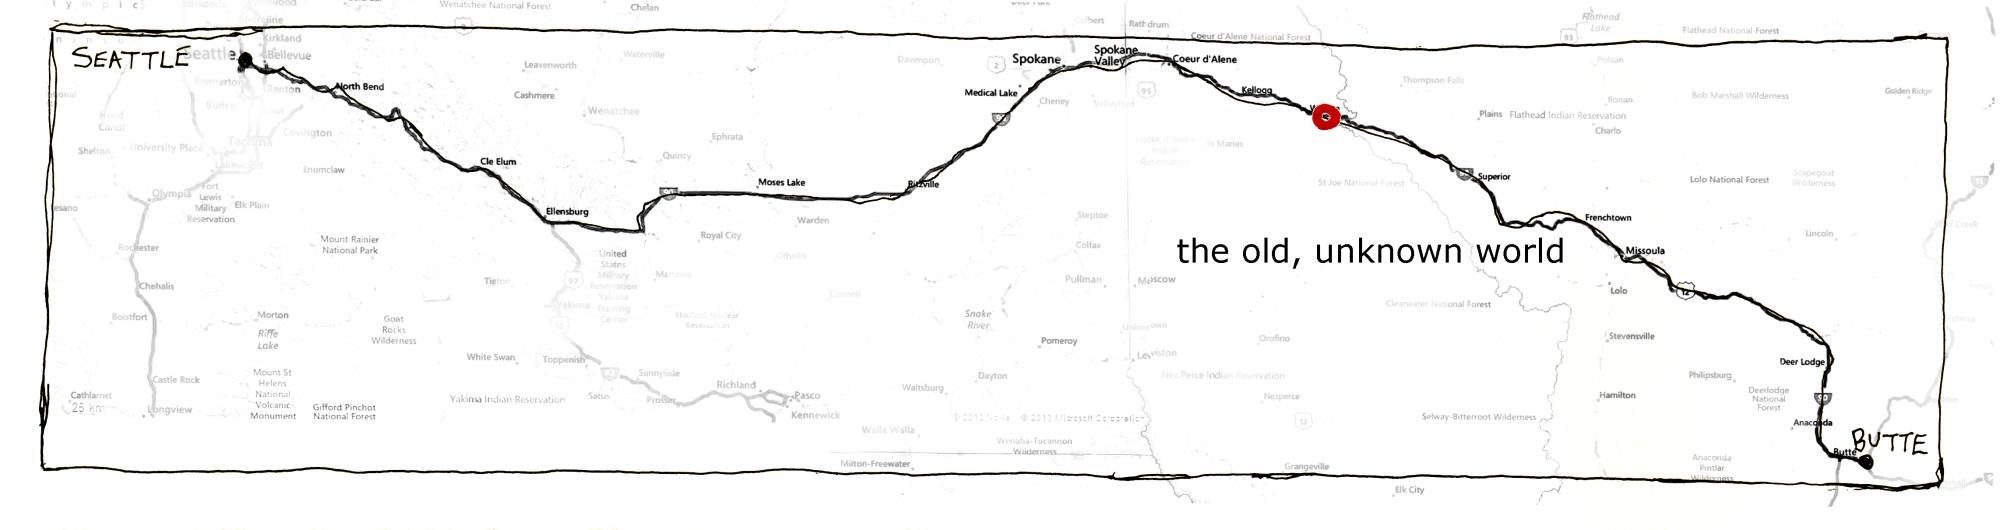 351 map